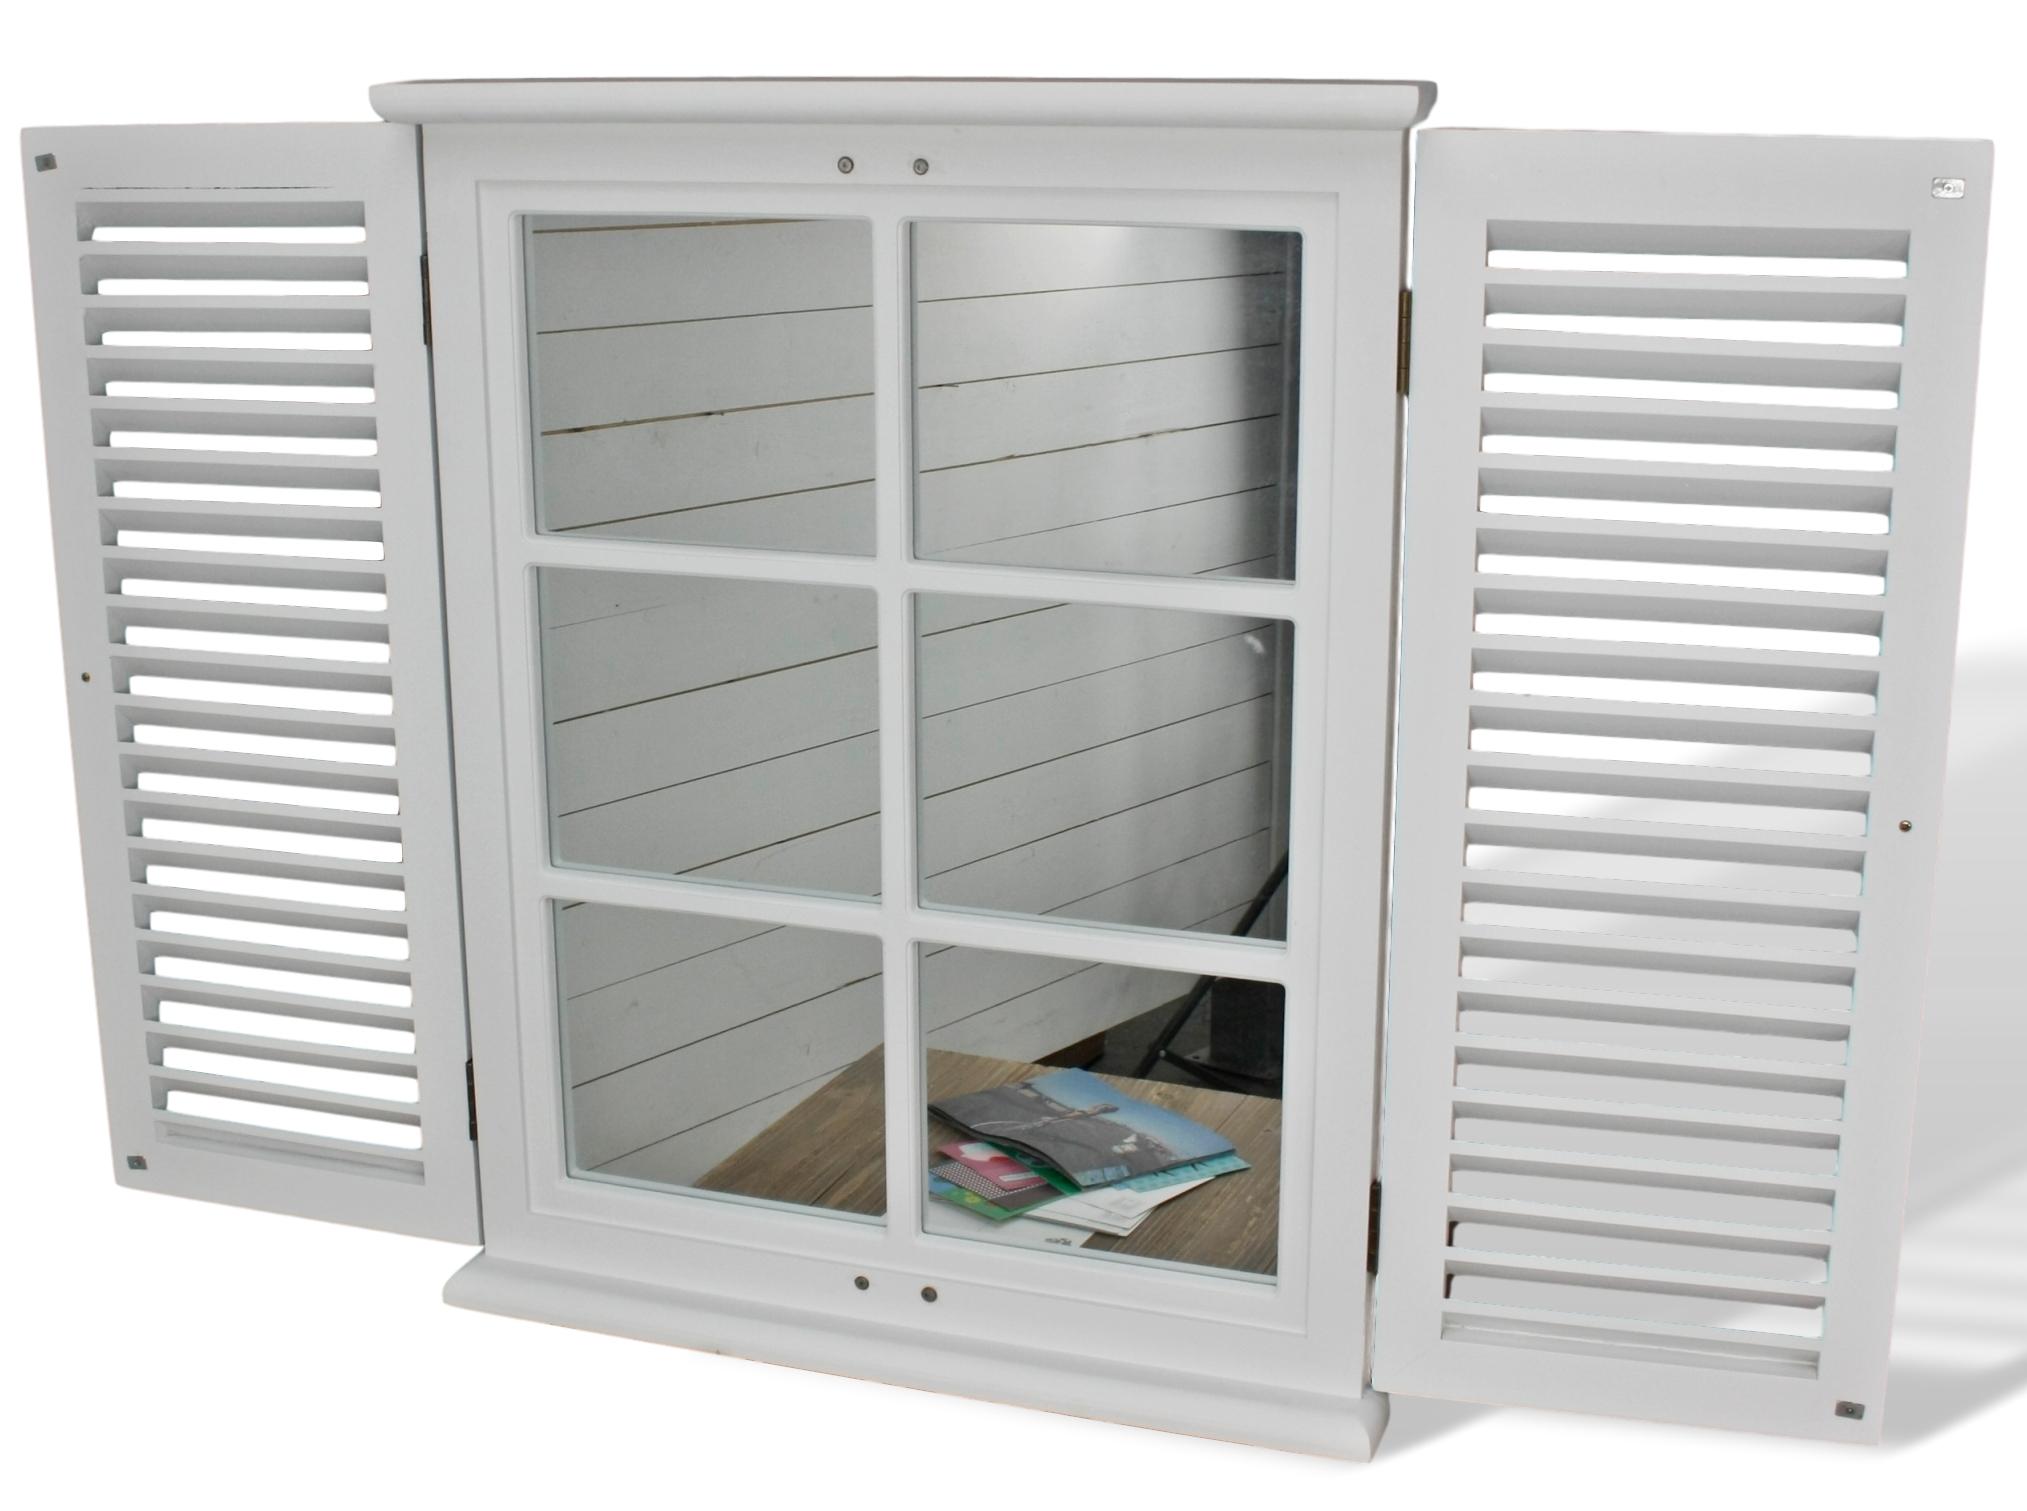 Spiegel Wandspiegel weiß Landhaus Holz Fensterladen | günstige ...